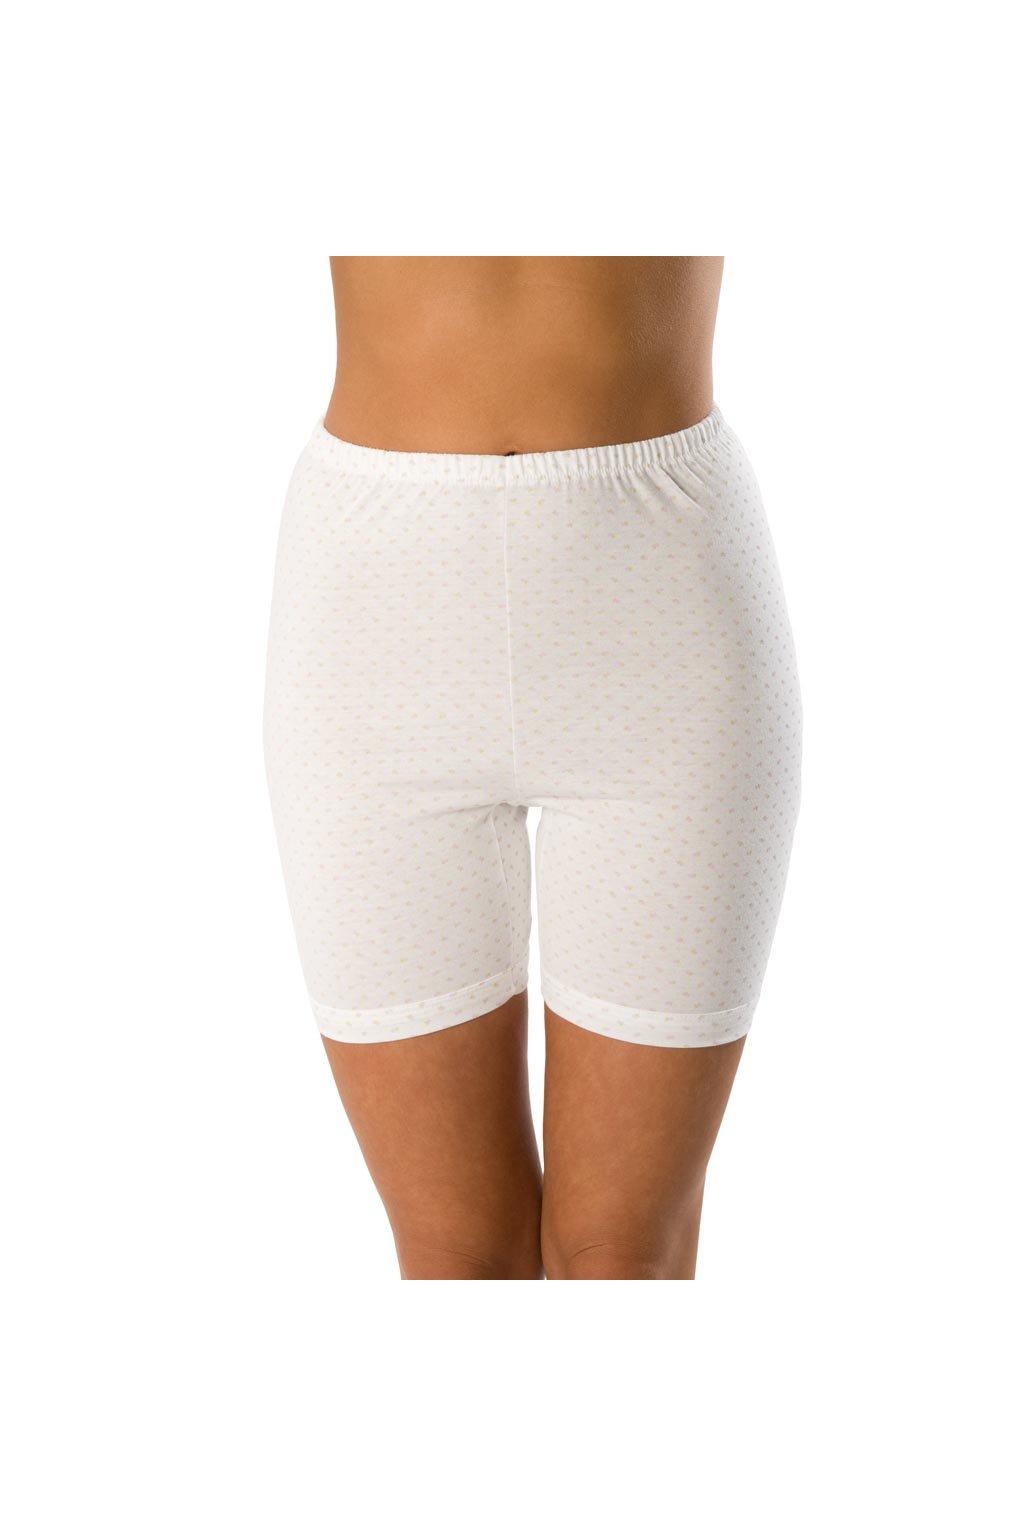 Nohavičkové kalhotky s potiskem, 10018 1, bílá